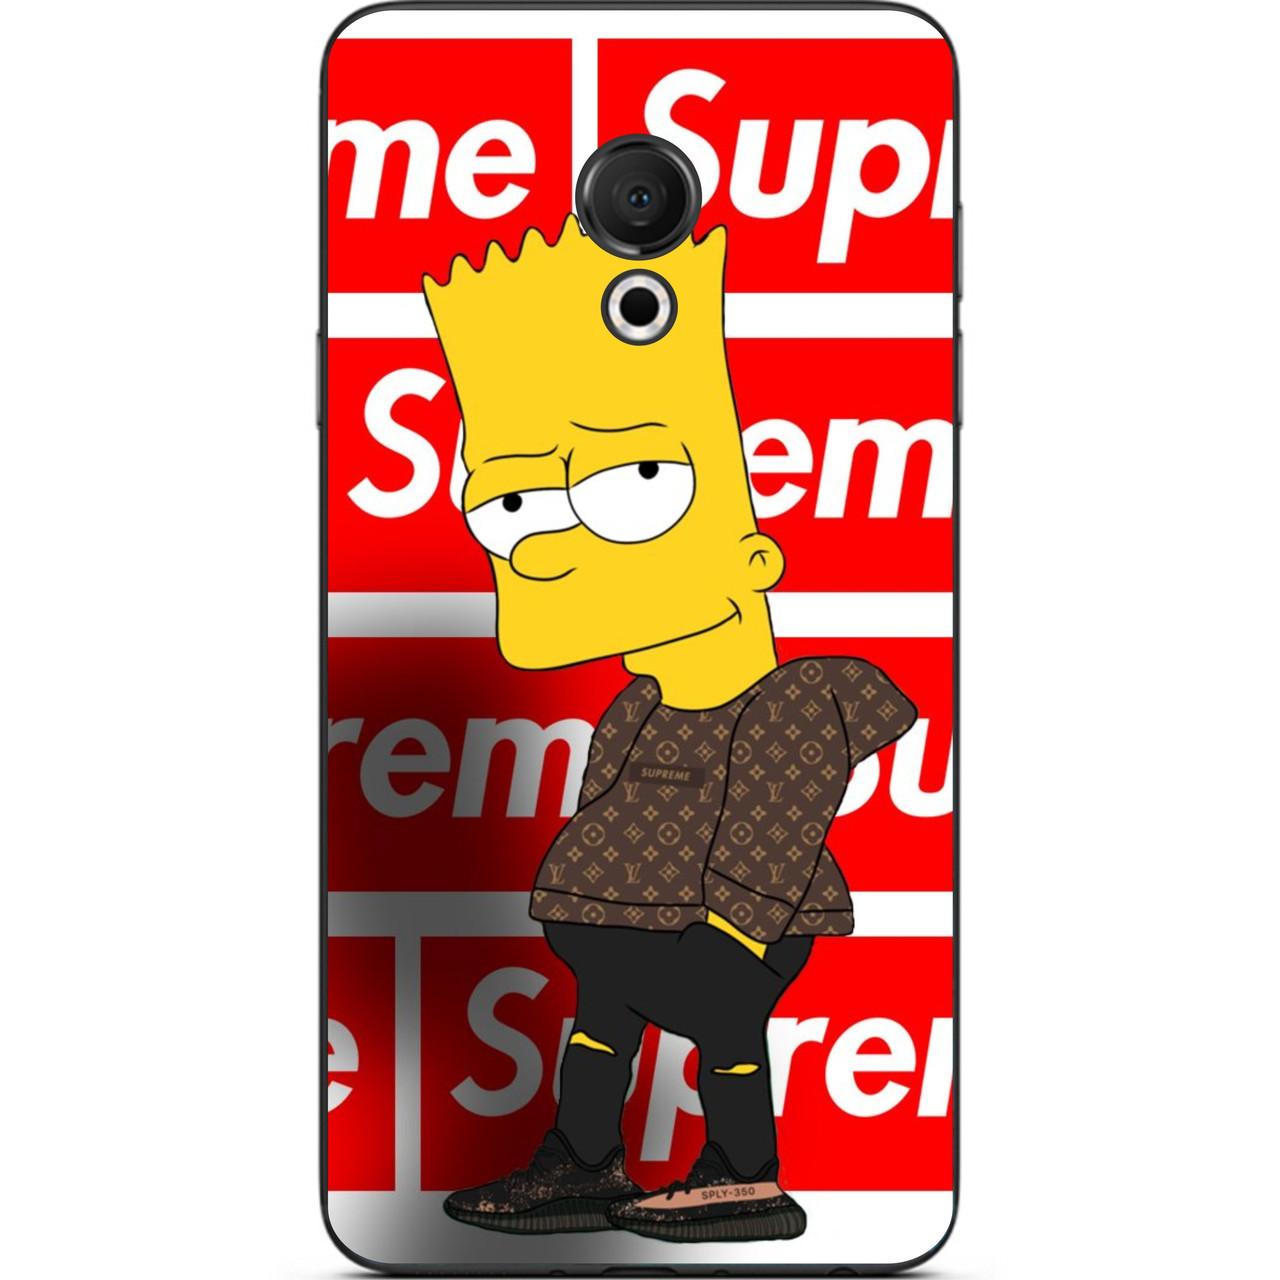 Силіконовий чохол для Meizu 15 Lite з картинкою Сімпсон